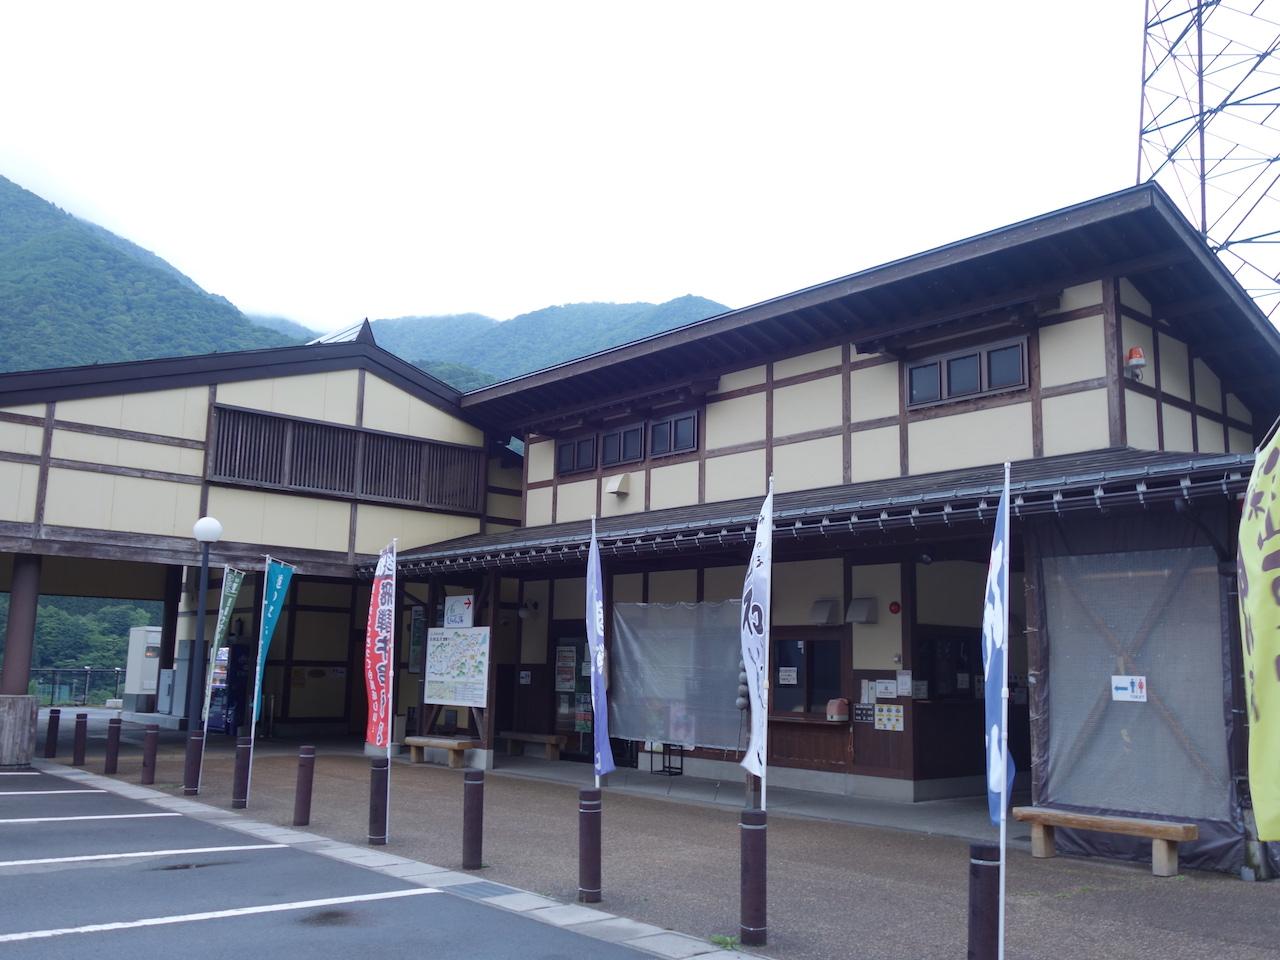 道の駅 飛騨白山の温泉がまた絶景でたまらんかった!